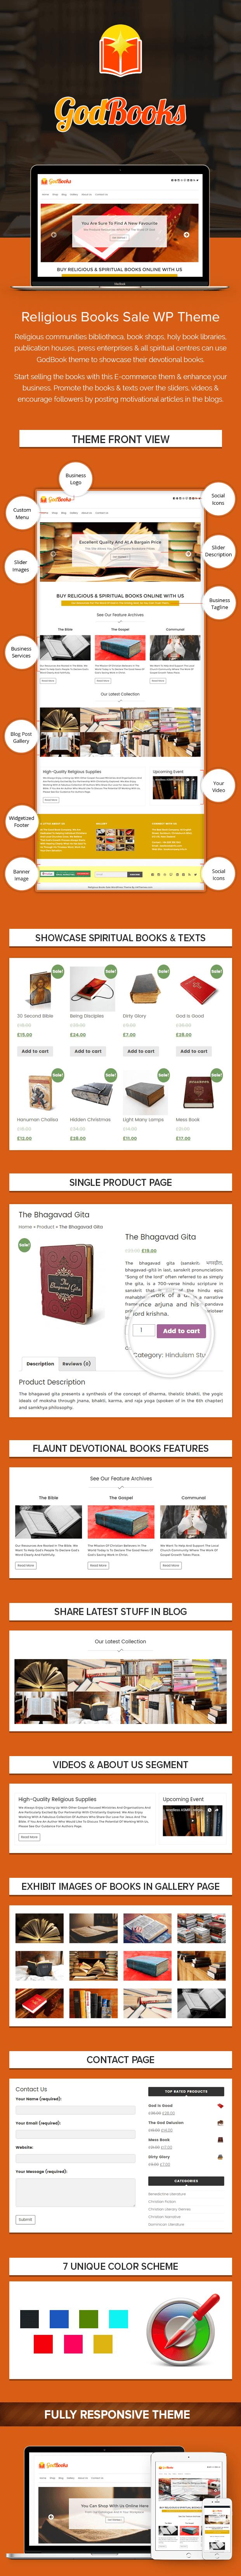 Religious Books Sale WordPress Theme